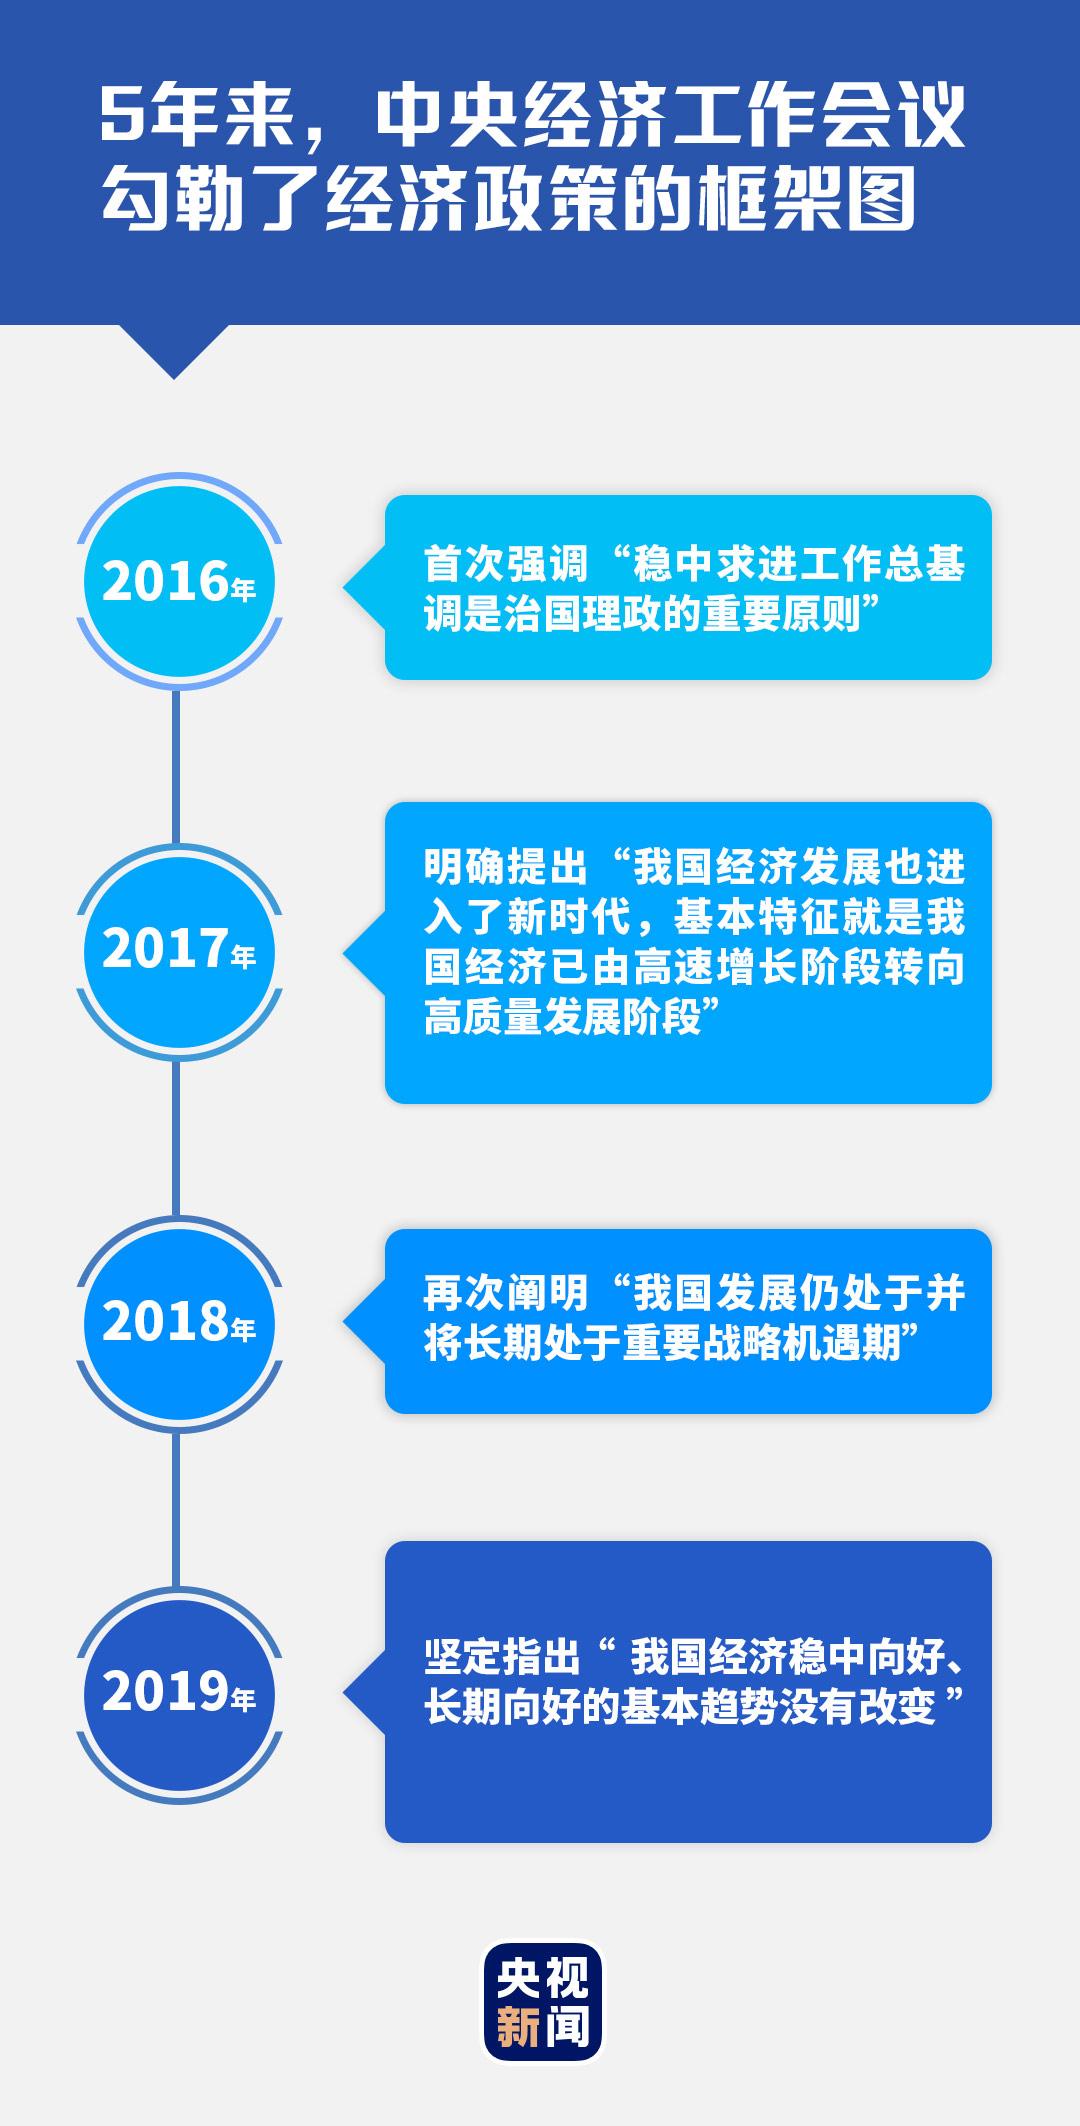 習近平領航中國經濟巨輪破浪前行-圖4